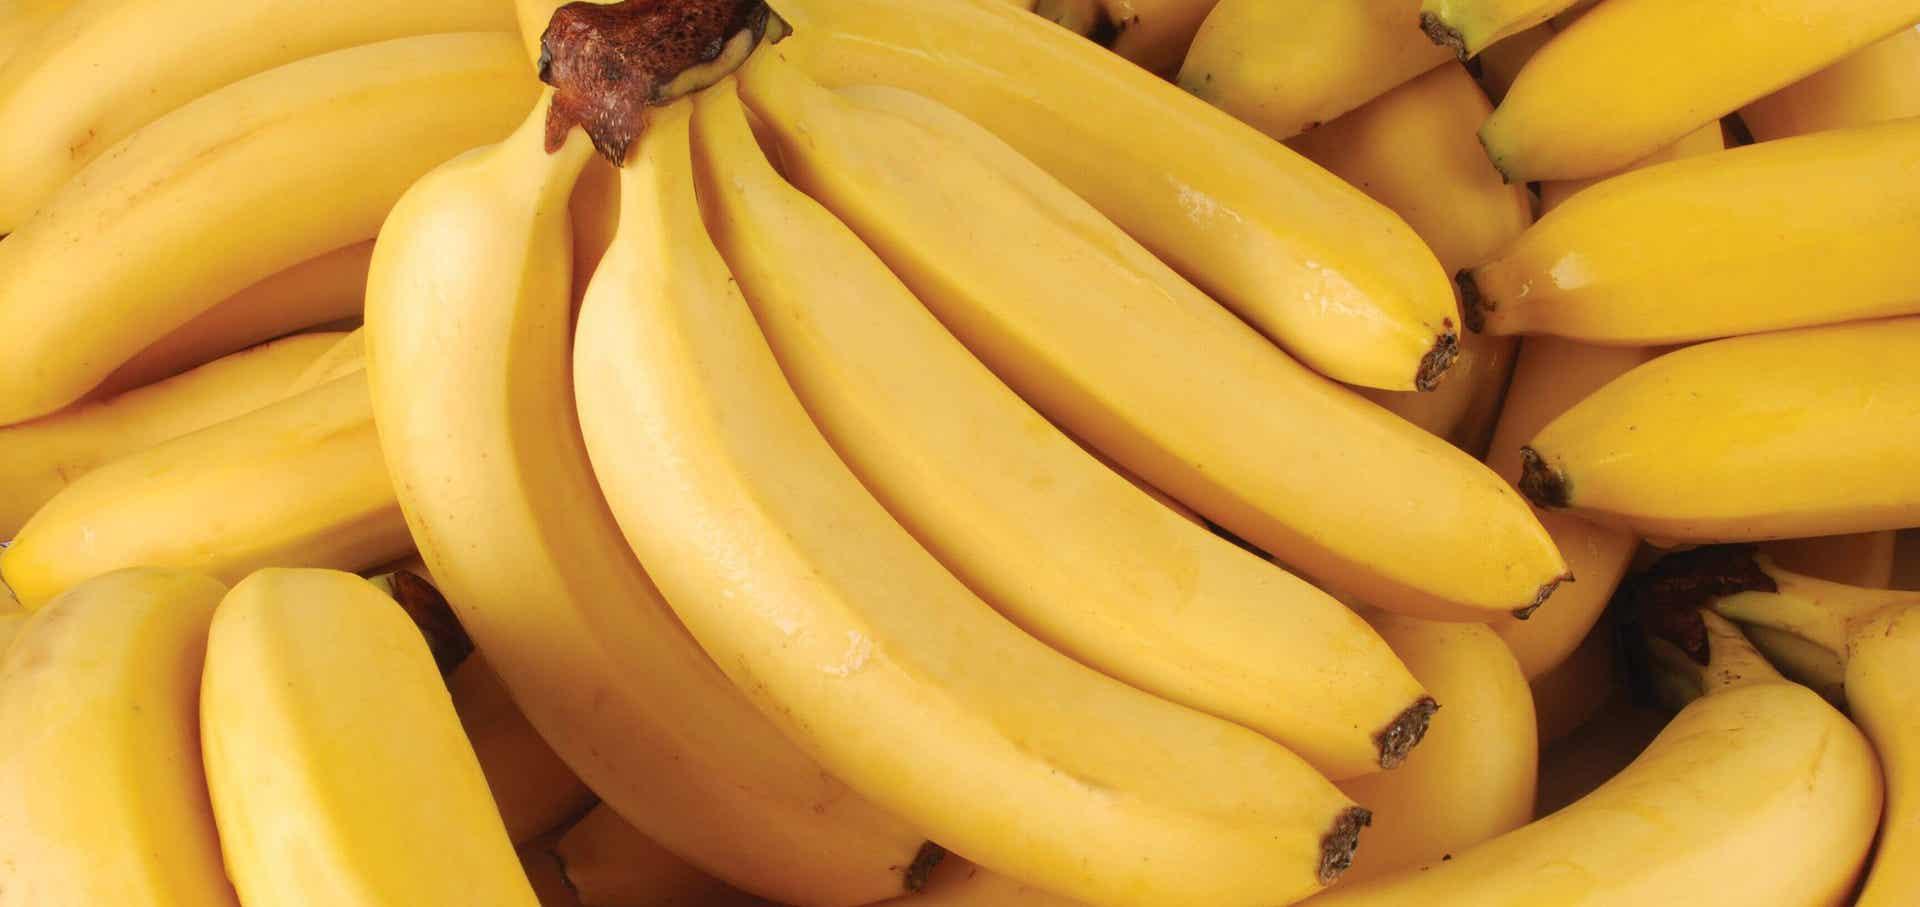 tiga-perbedaan-nutrisi-antara-pisang-cavendish-dan-pisang-raja